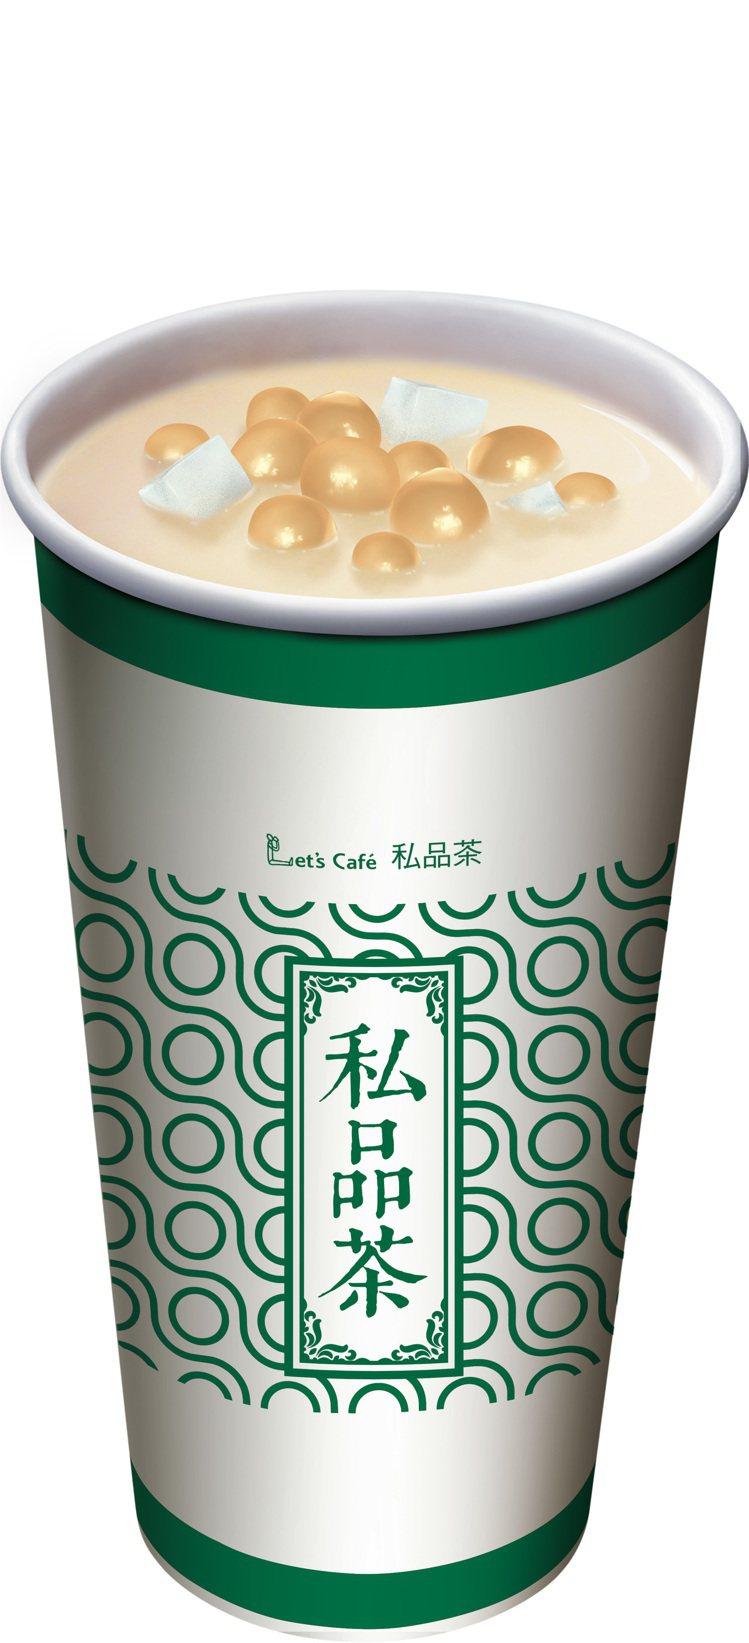 即日起至2月11日於全家便利商店門市購買仙女紅茶、德傳普洱茶、德傳黑烏龍茶、焦糖...